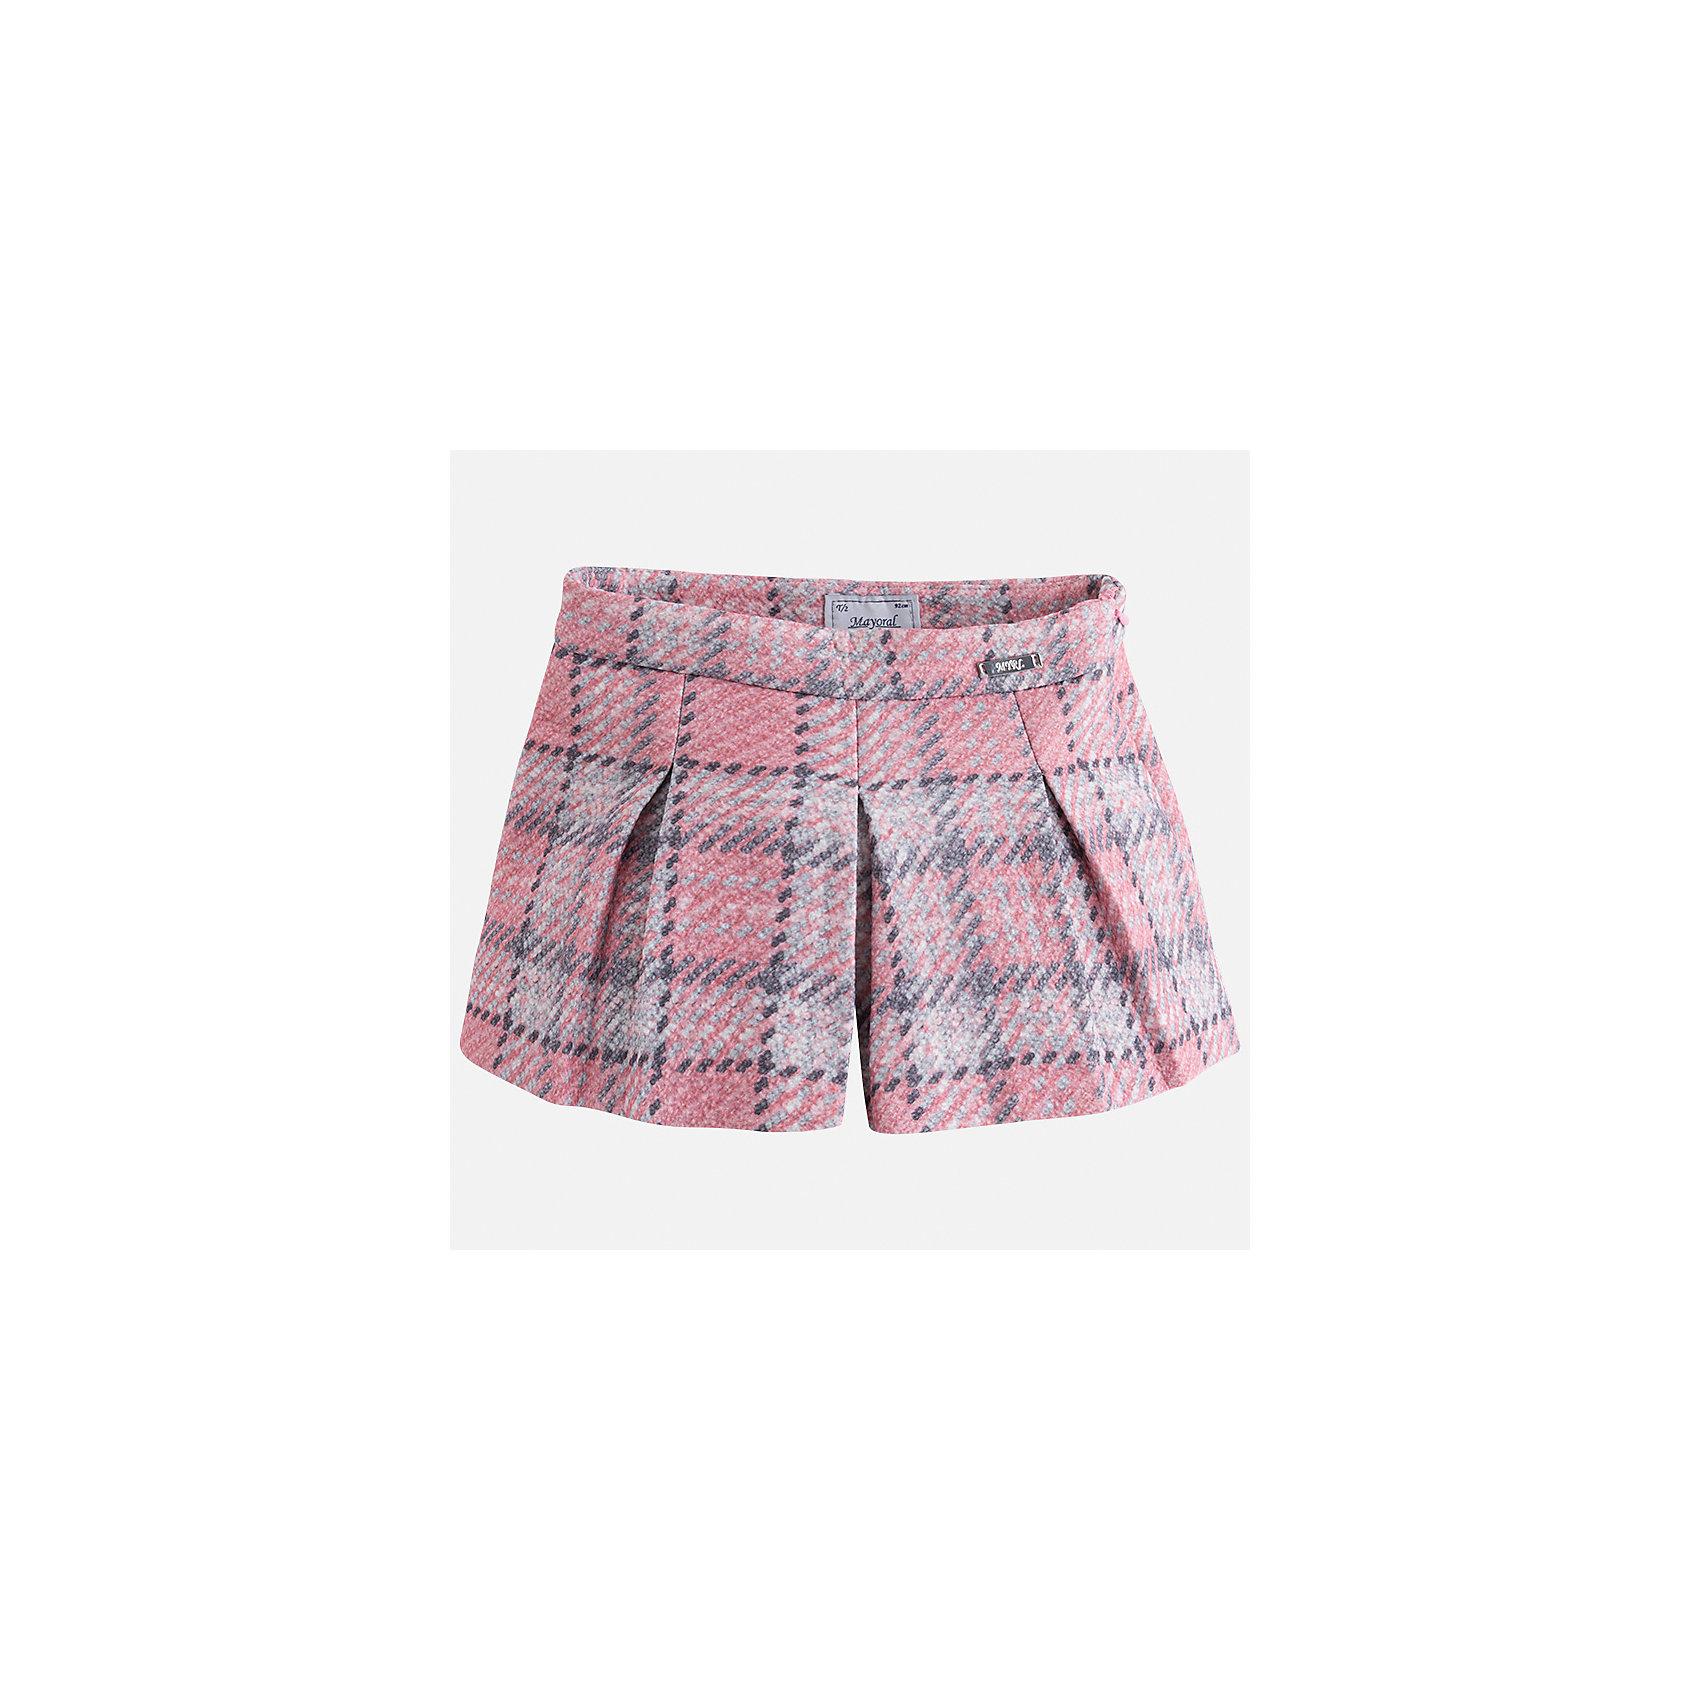 Юбка Mayoral для девочкиЮбки<br>Характеристики товара:<br><br>• цвет: розовый<br>• состав ткани: 85% хлопок, 15% полиэстер<br>• сезон: круглый год<br>• застежка: молния<br>• юбка-шорты<br>• страна бренда: Испания<br>• страна изготовитель: Индия<br><br>Эта оригинальная юбка-шорты отличается стильным силуэтом. Детская юбка от бренда Майорал поможет девочке выглядеть женственно и стильно. <br><br>Детская одежда от испанской компании Mayoral отличаются оригинальным и всегда стильным дизайном. Качество продукции неизменно очень высокое.<br><br>Юбку для девочки Mayoral (Майорал) можно купить в нашем интернет-магазине.<br><br>Ширина мм: 207<br>Глубина мм: 10<br>Высота мм: 189<br>Вес г: 183<br>Цвет: розовый<br>Возраст от месяцев: 60<br>Возраст до месяцев: 72<br>Пол: Женский<br>Возраст: Детский<br>Размер: 116,134,104,110,122,128<br>SKU: 6923153